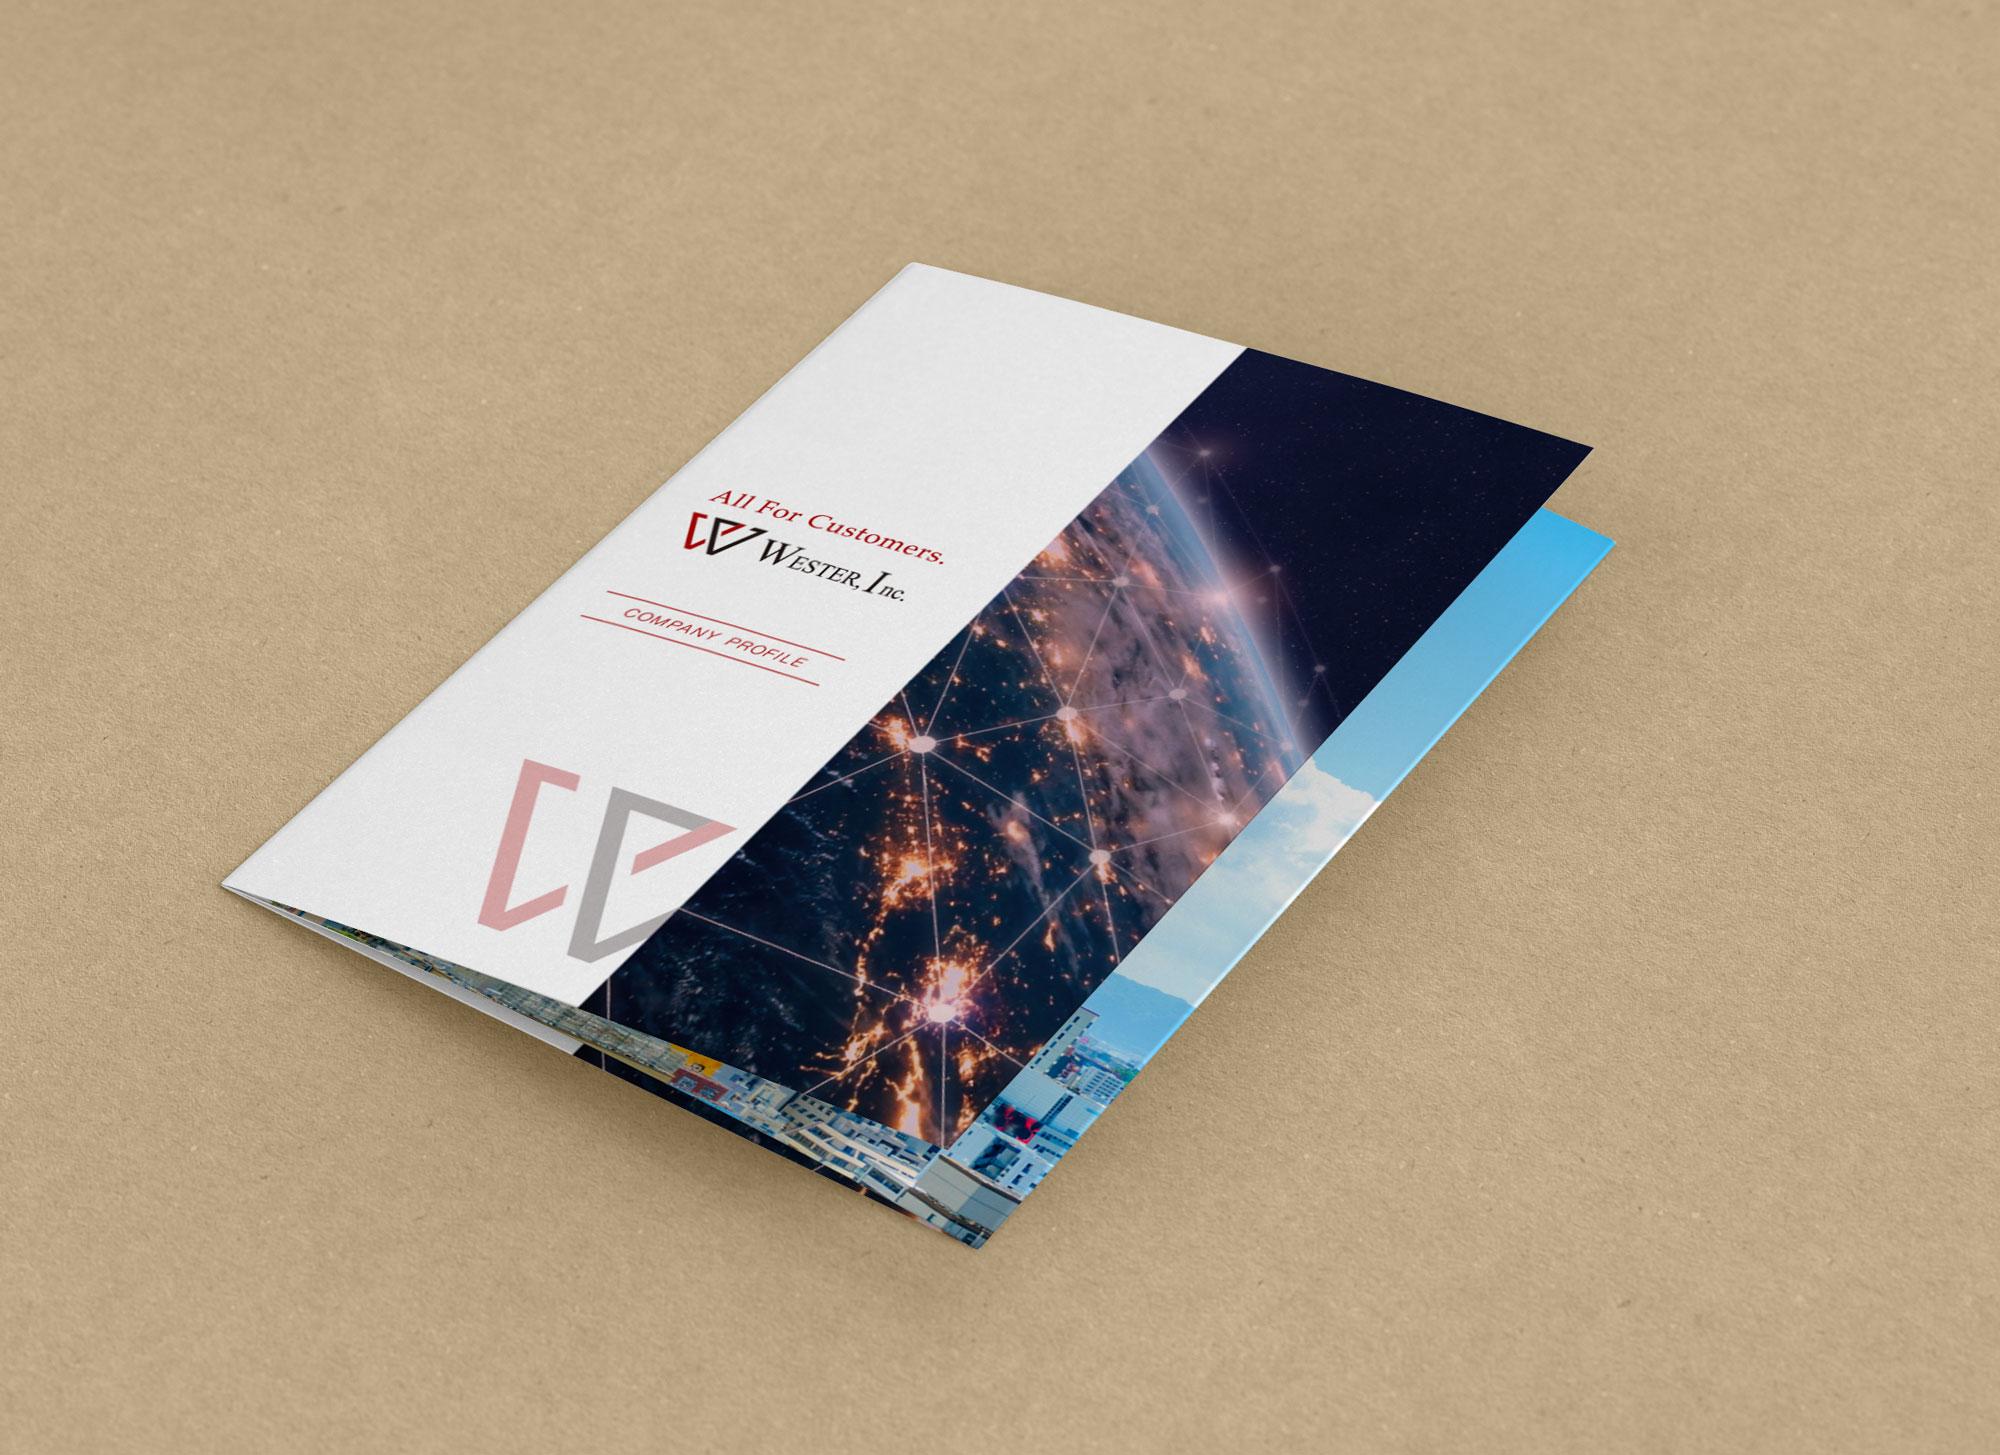 ウエスター会社案内パンフレット01